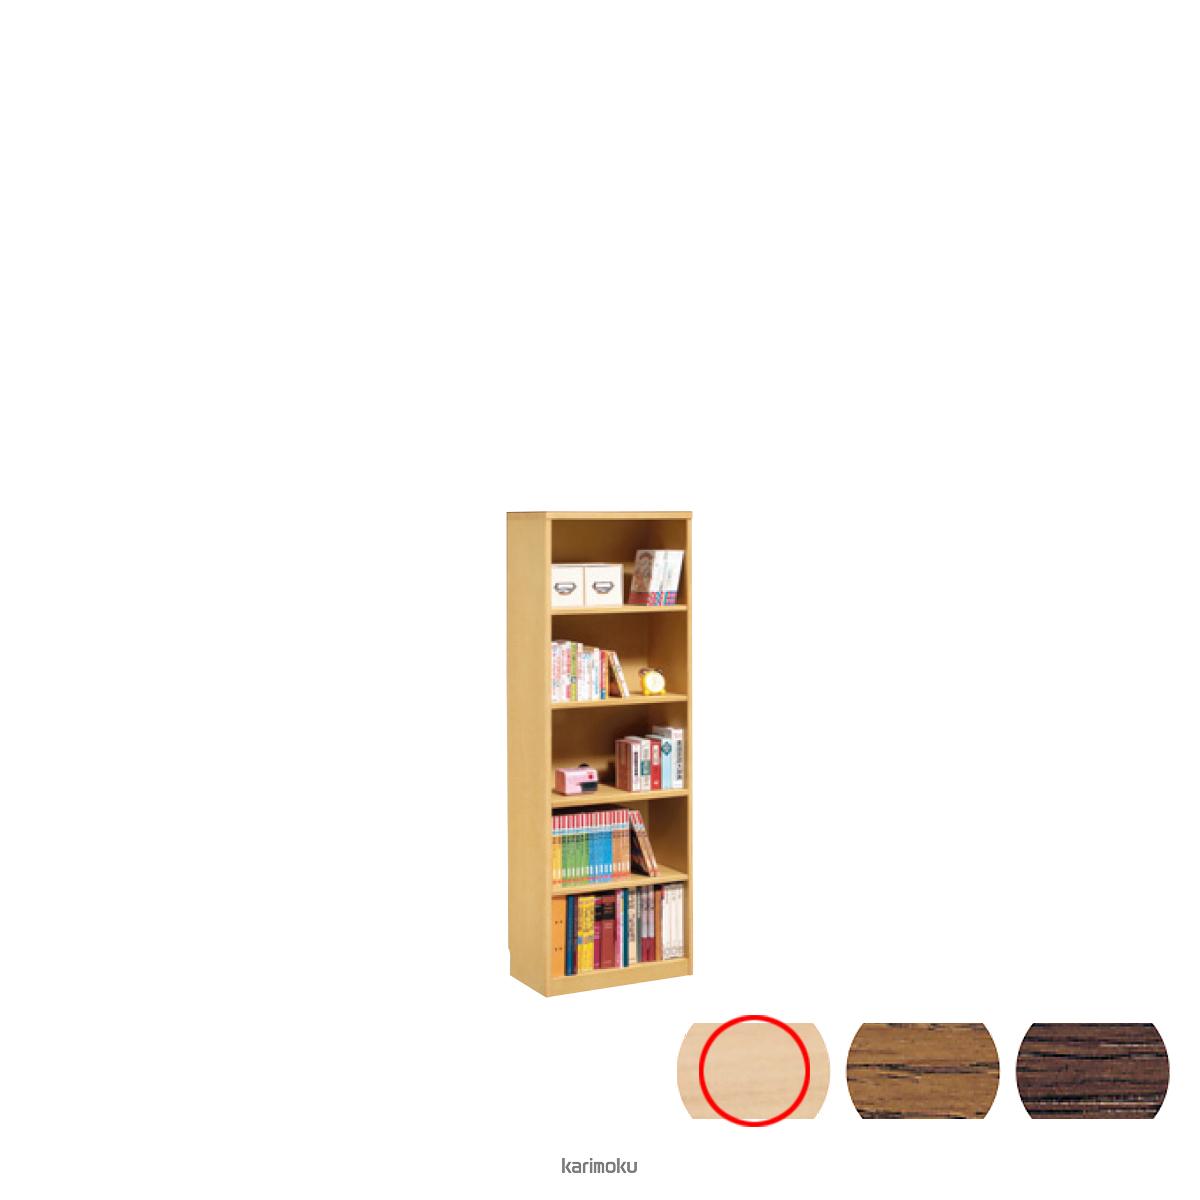 カリモク 書棚 HU2415 [背板付き書棚] (ピュアオーク色)【全国送料無料】【同梱不可】【店頭受取対応商品】